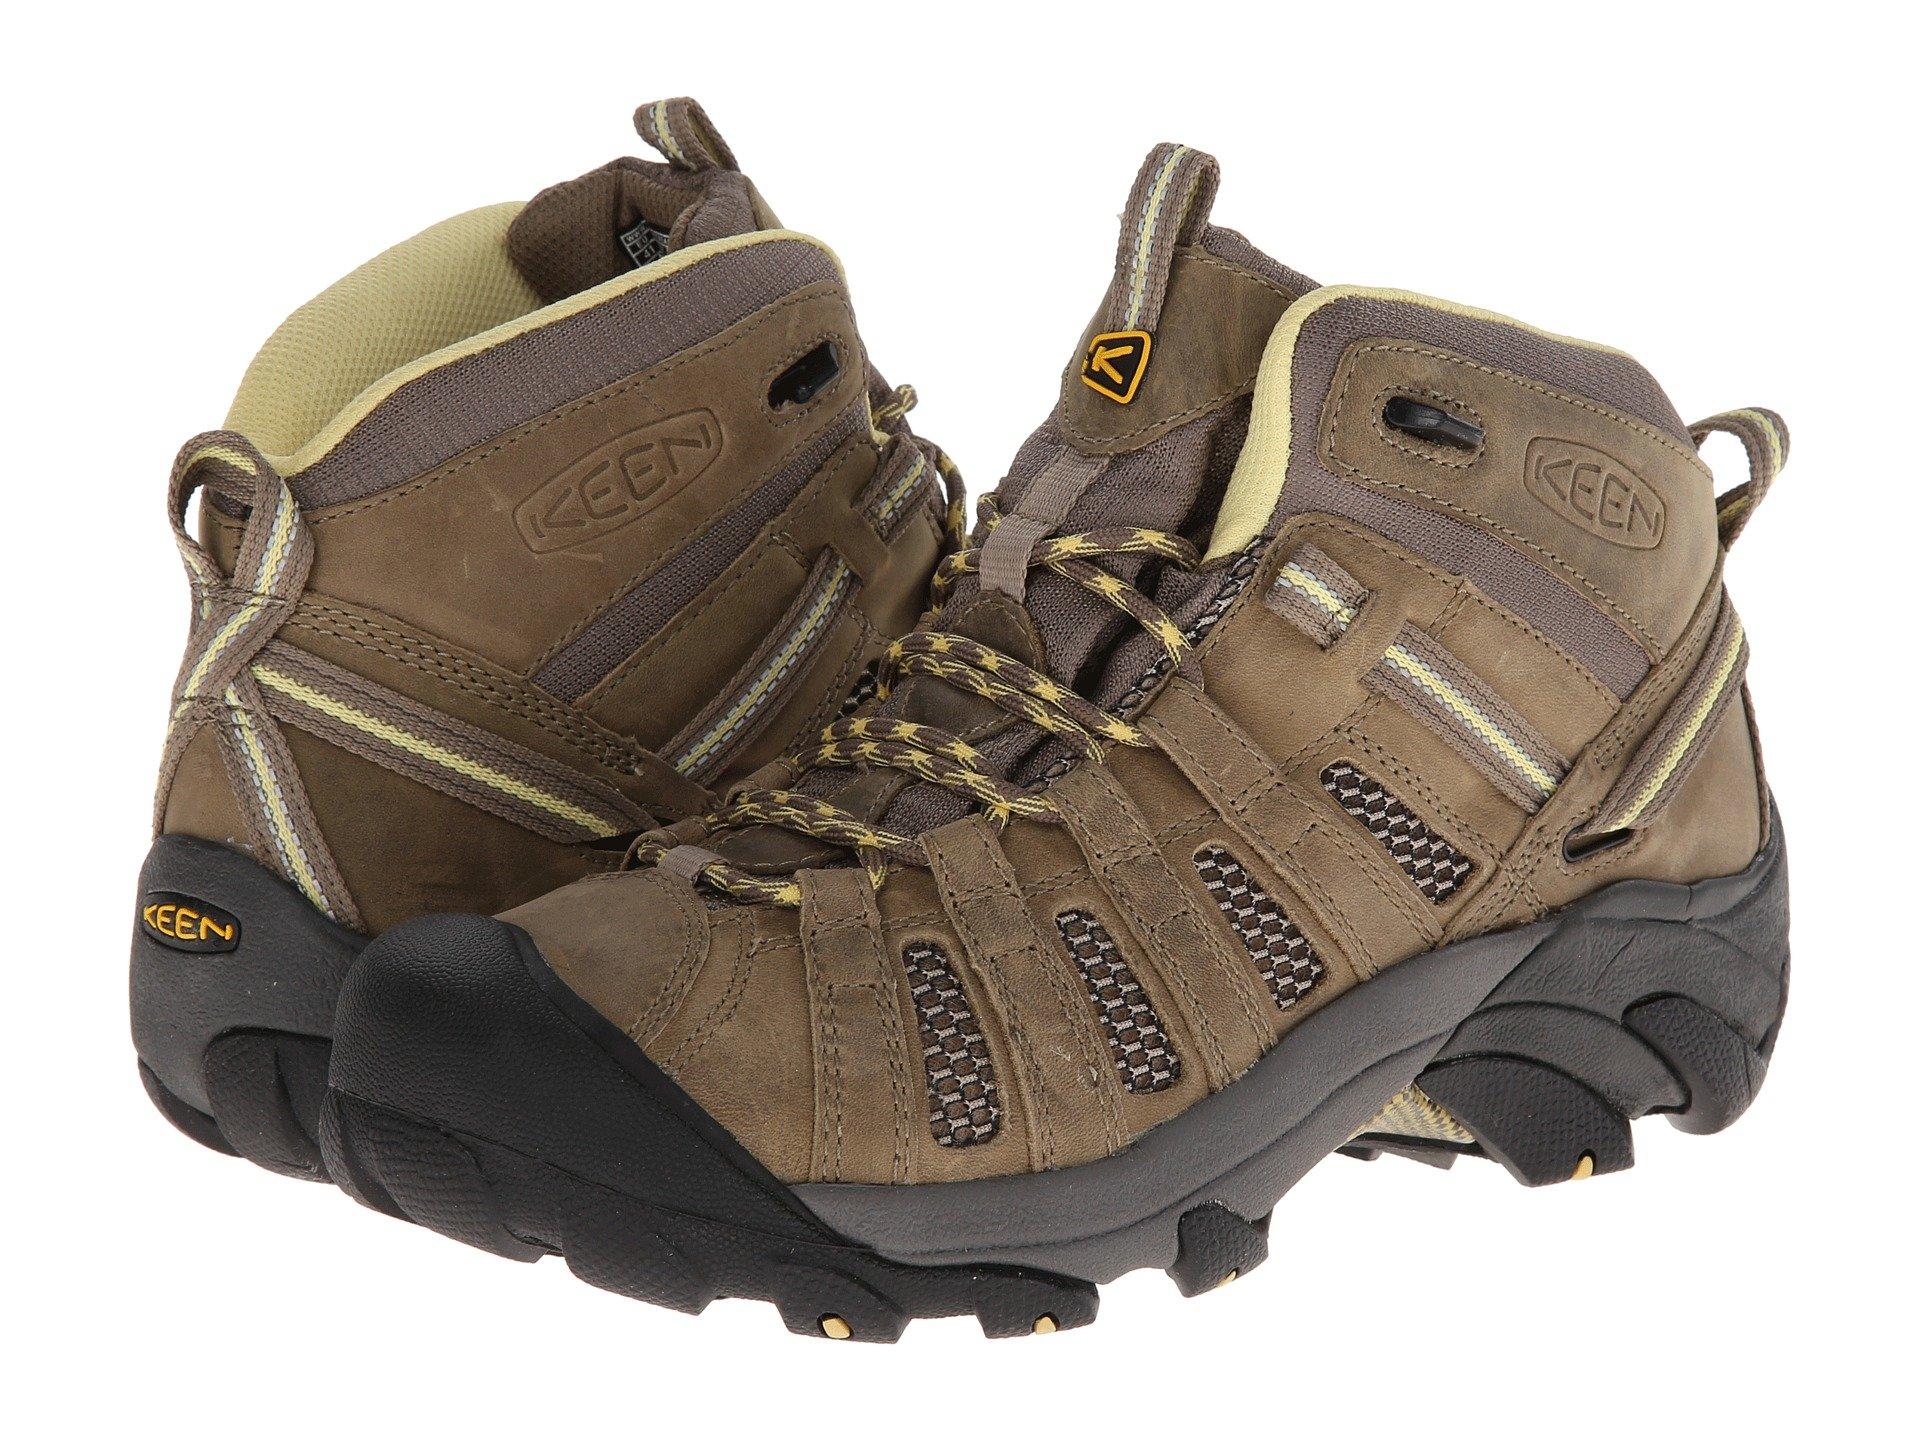 19b002baf3 Women's Keen Boots + FREE SHIPPING | Shoes | Zappos.com